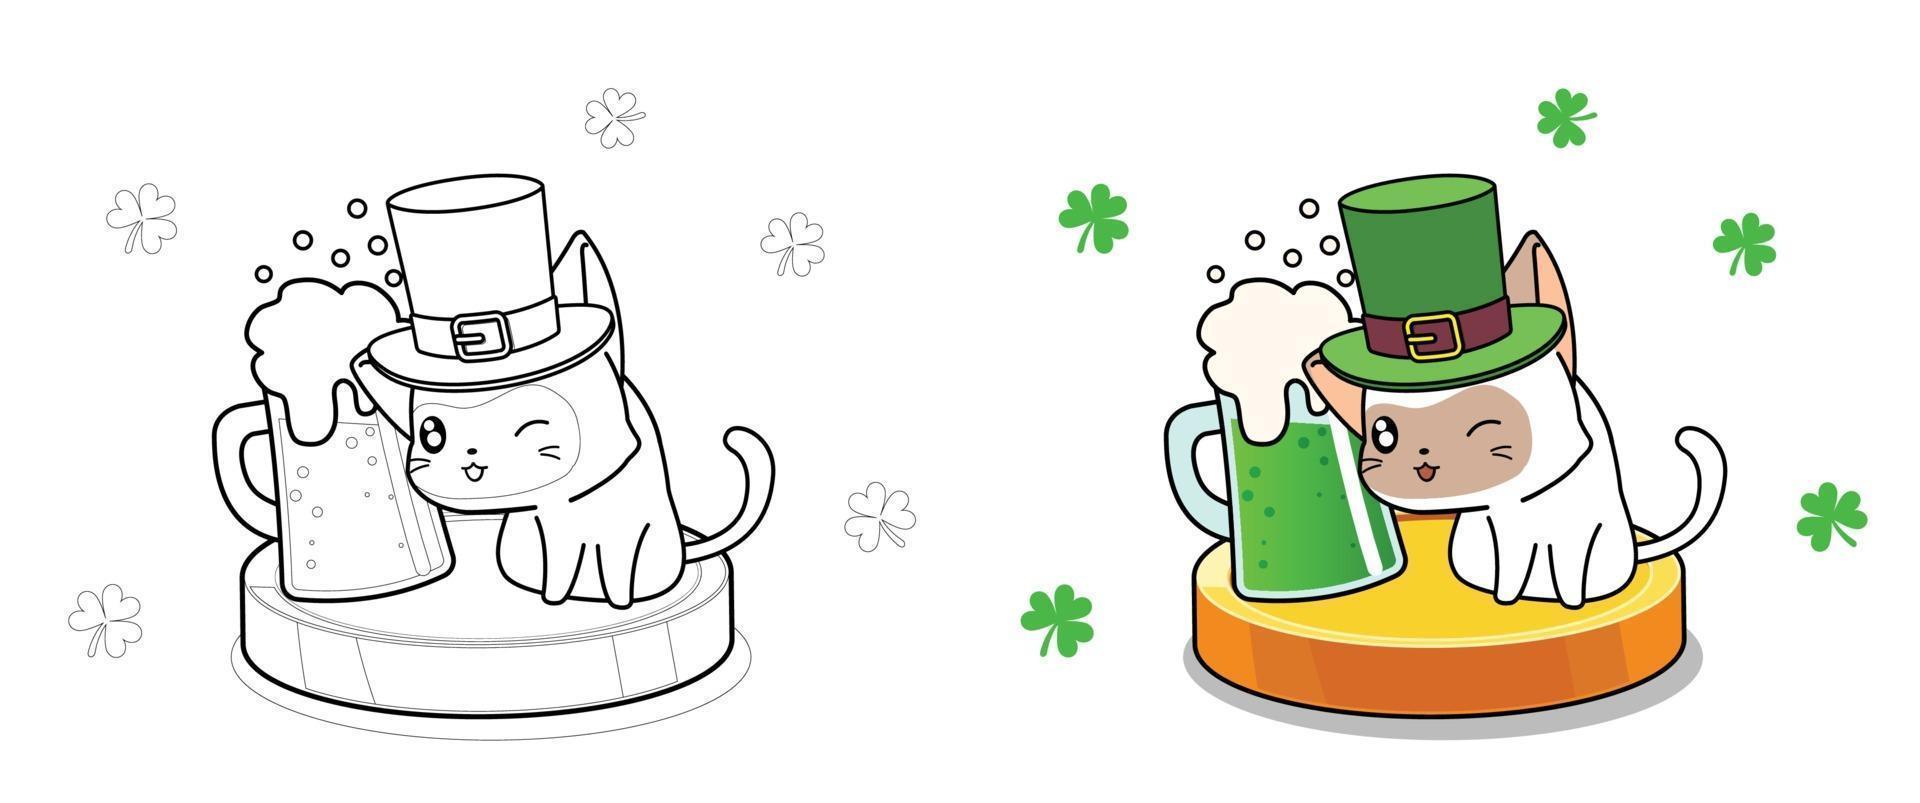 Katze auf Saint Patrick Day Malvorlagen für Kinder vektor